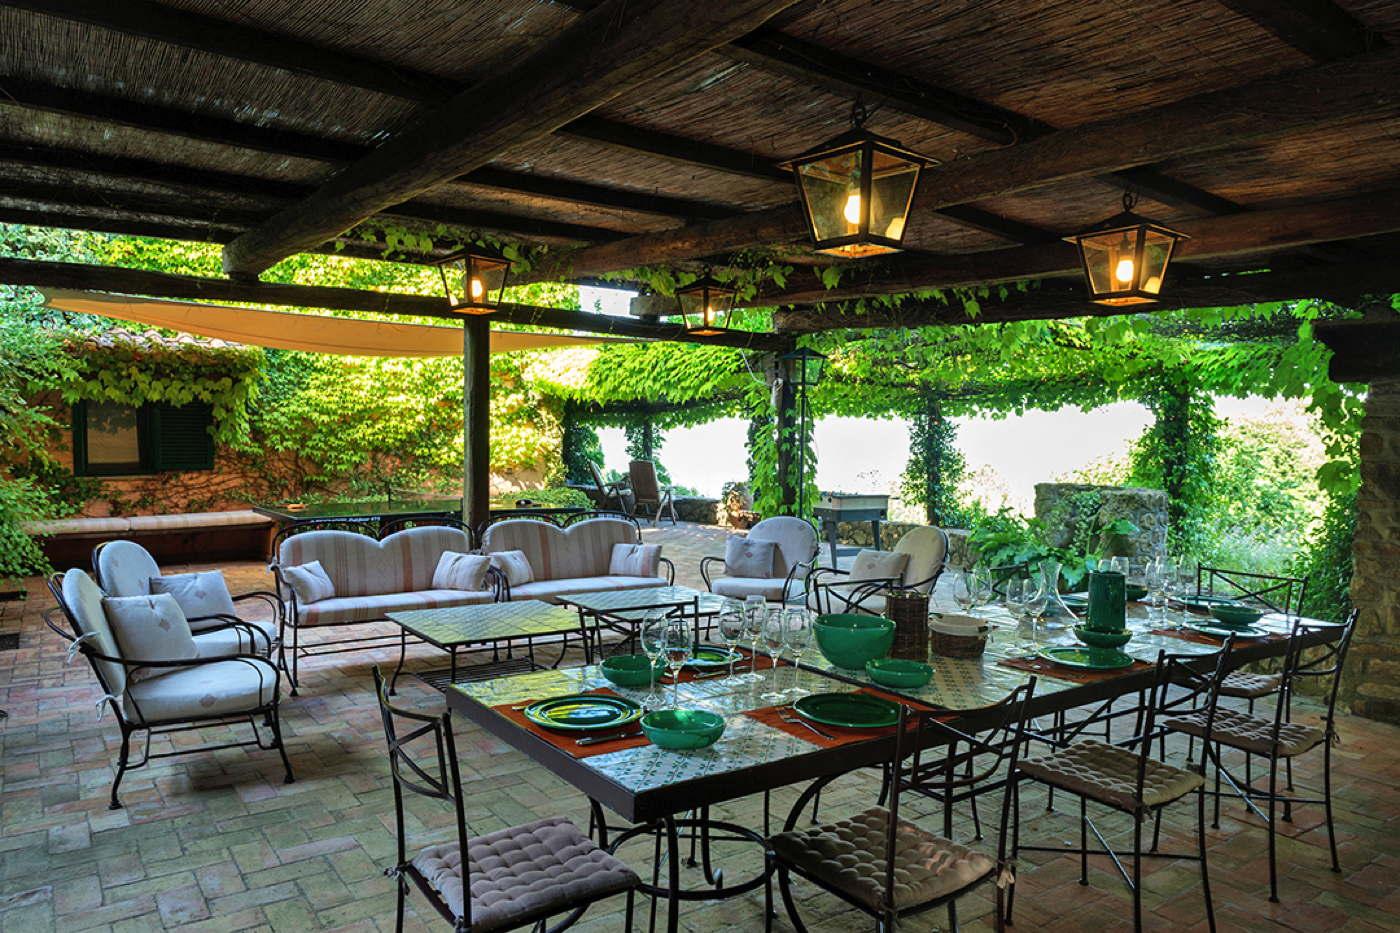 Luxury villa luxury holiday home vacation villa in italy for Monte villa motor inn